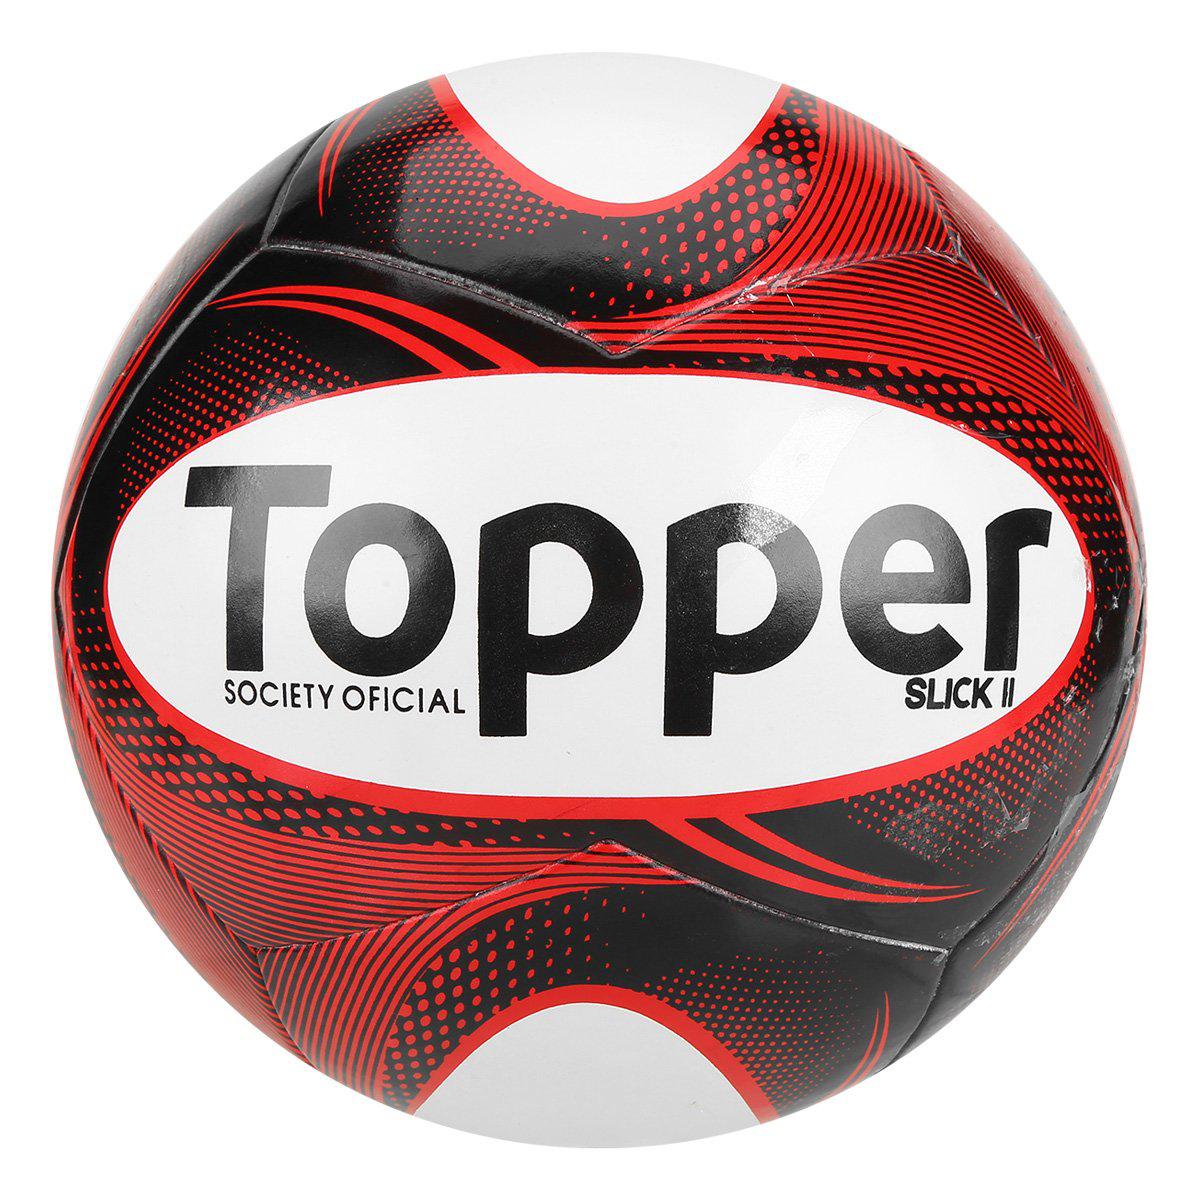 Bola Futebol Society Topper Slick II - Preto e Branco